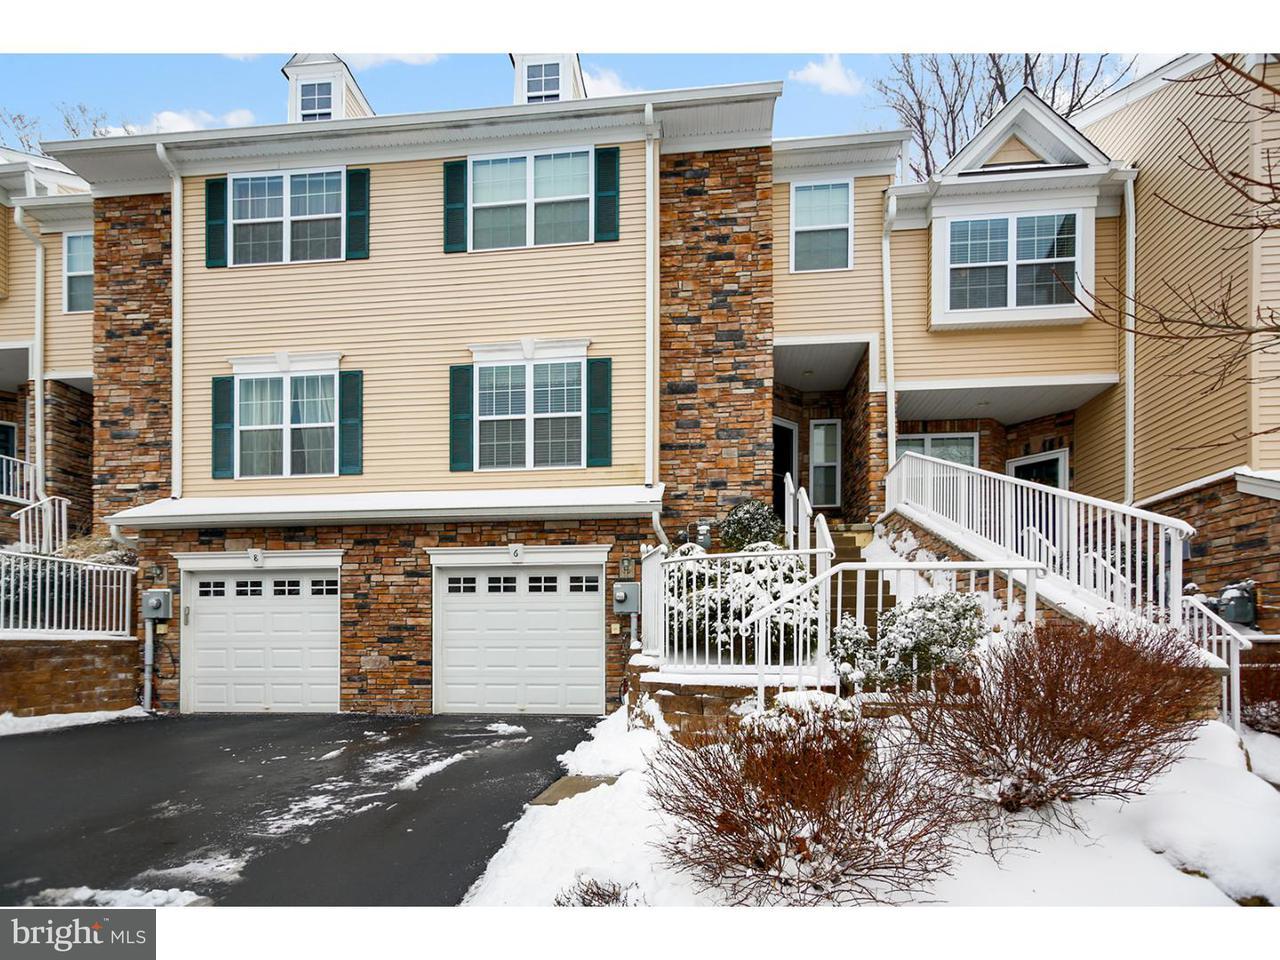 Σπίτι στην πόλη για την Πώληση στο 6 SCARBOROUGH Court Mount Olive, Νιου Τζερσεϋ 07828 Ηνωμενεσ Πολιτειεσ